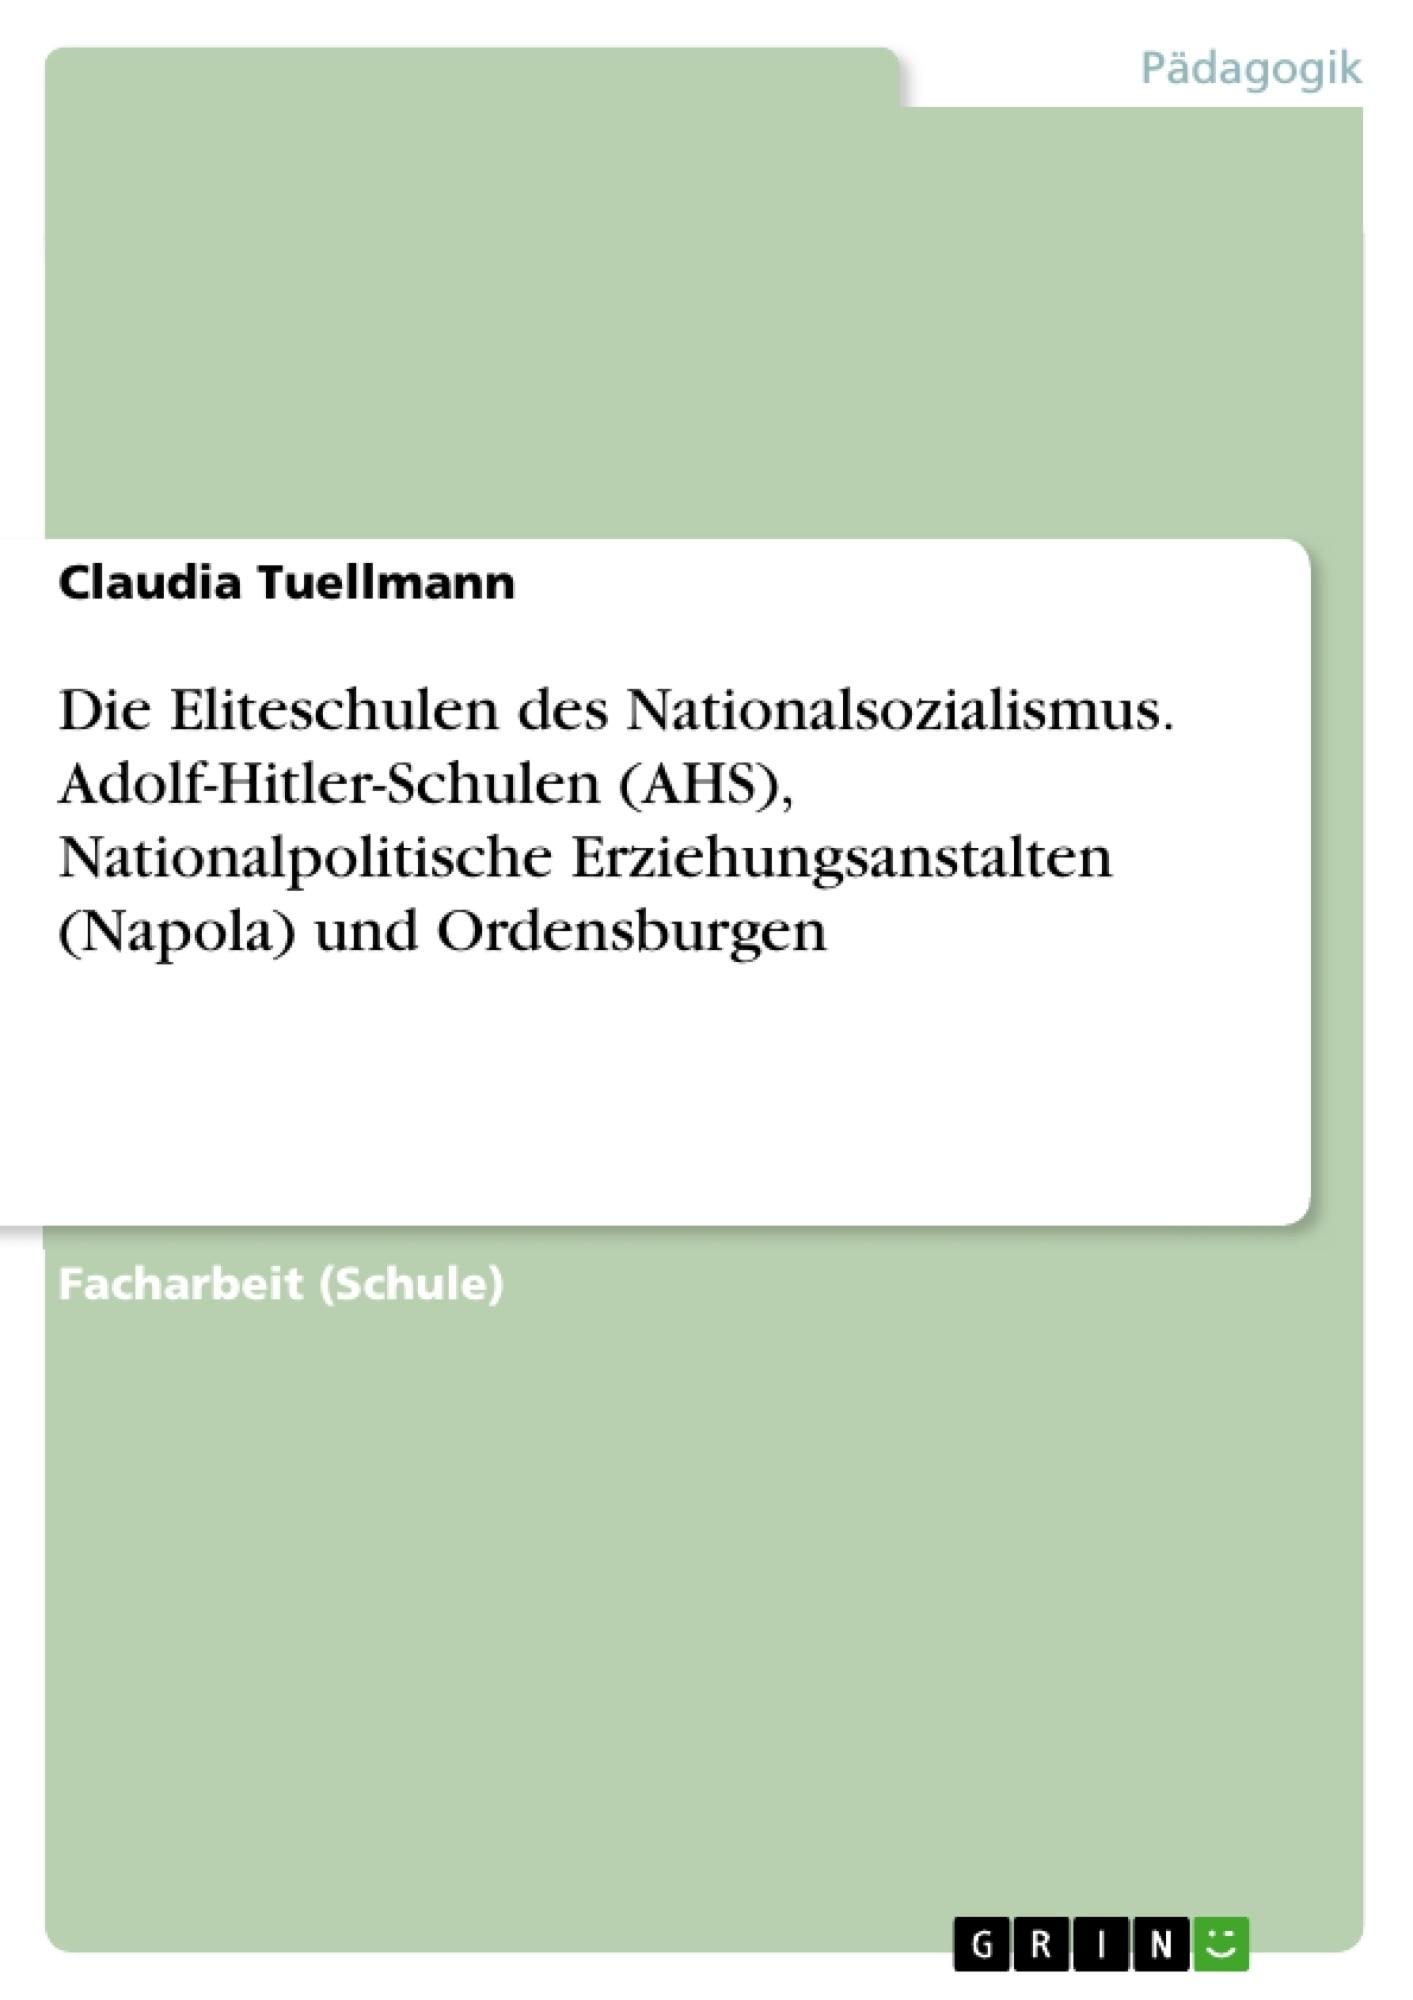 Titel: Die Eliteschulen des Nationalsozialismus. Adolf-Hitler-Schulen (AHS), Nationalpolitische Erziehungsanstalten (Napola) und Ordensburgen